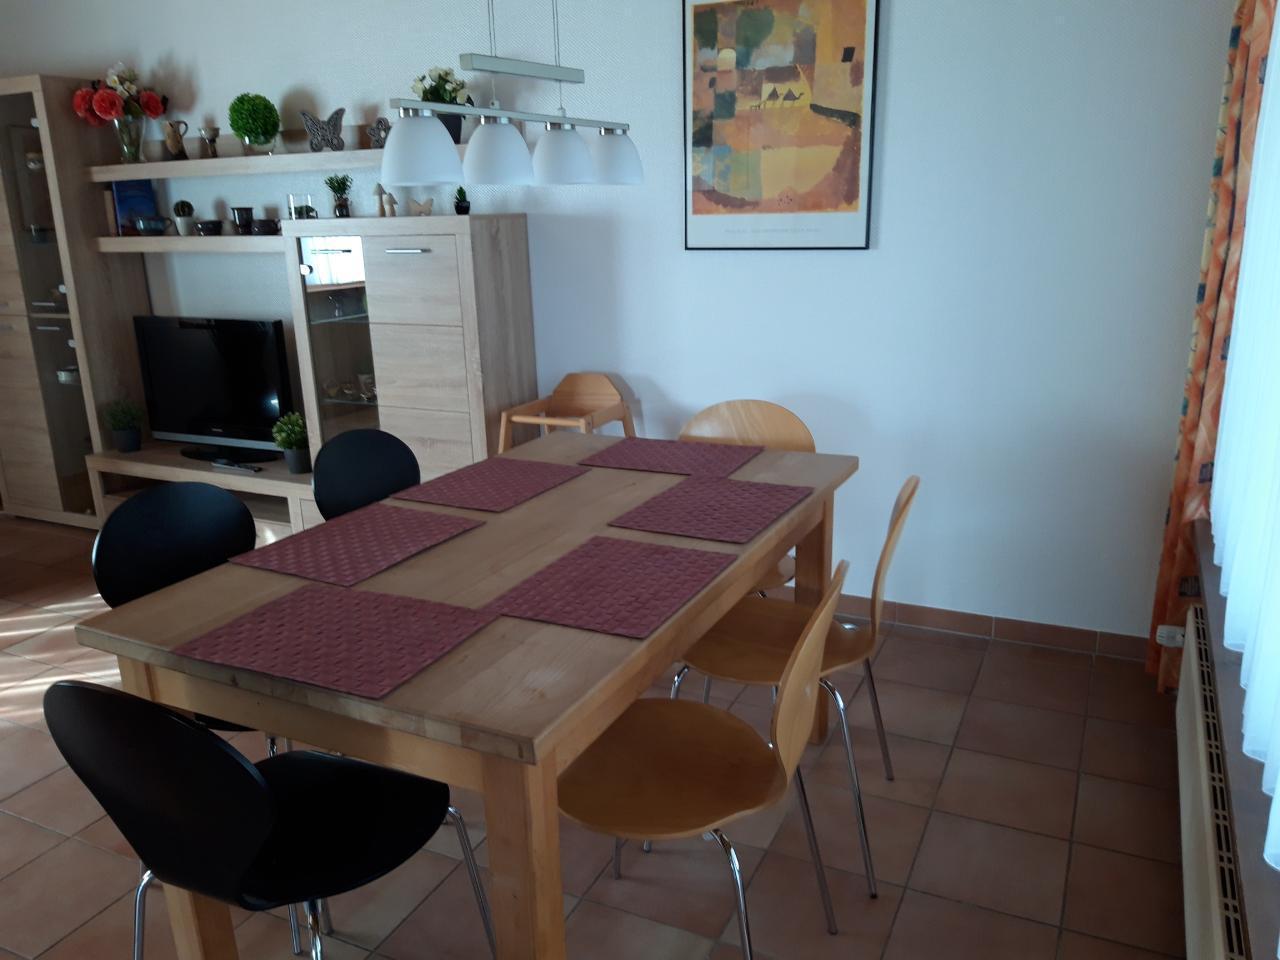 Ferienhaus / Bungalow 15 neu renoviert für 4-6 Personen in der Rhön Residence Bungalows (757460), Dipperz, Rhön (Hessen), Hessen, Deutschland, Bild 7